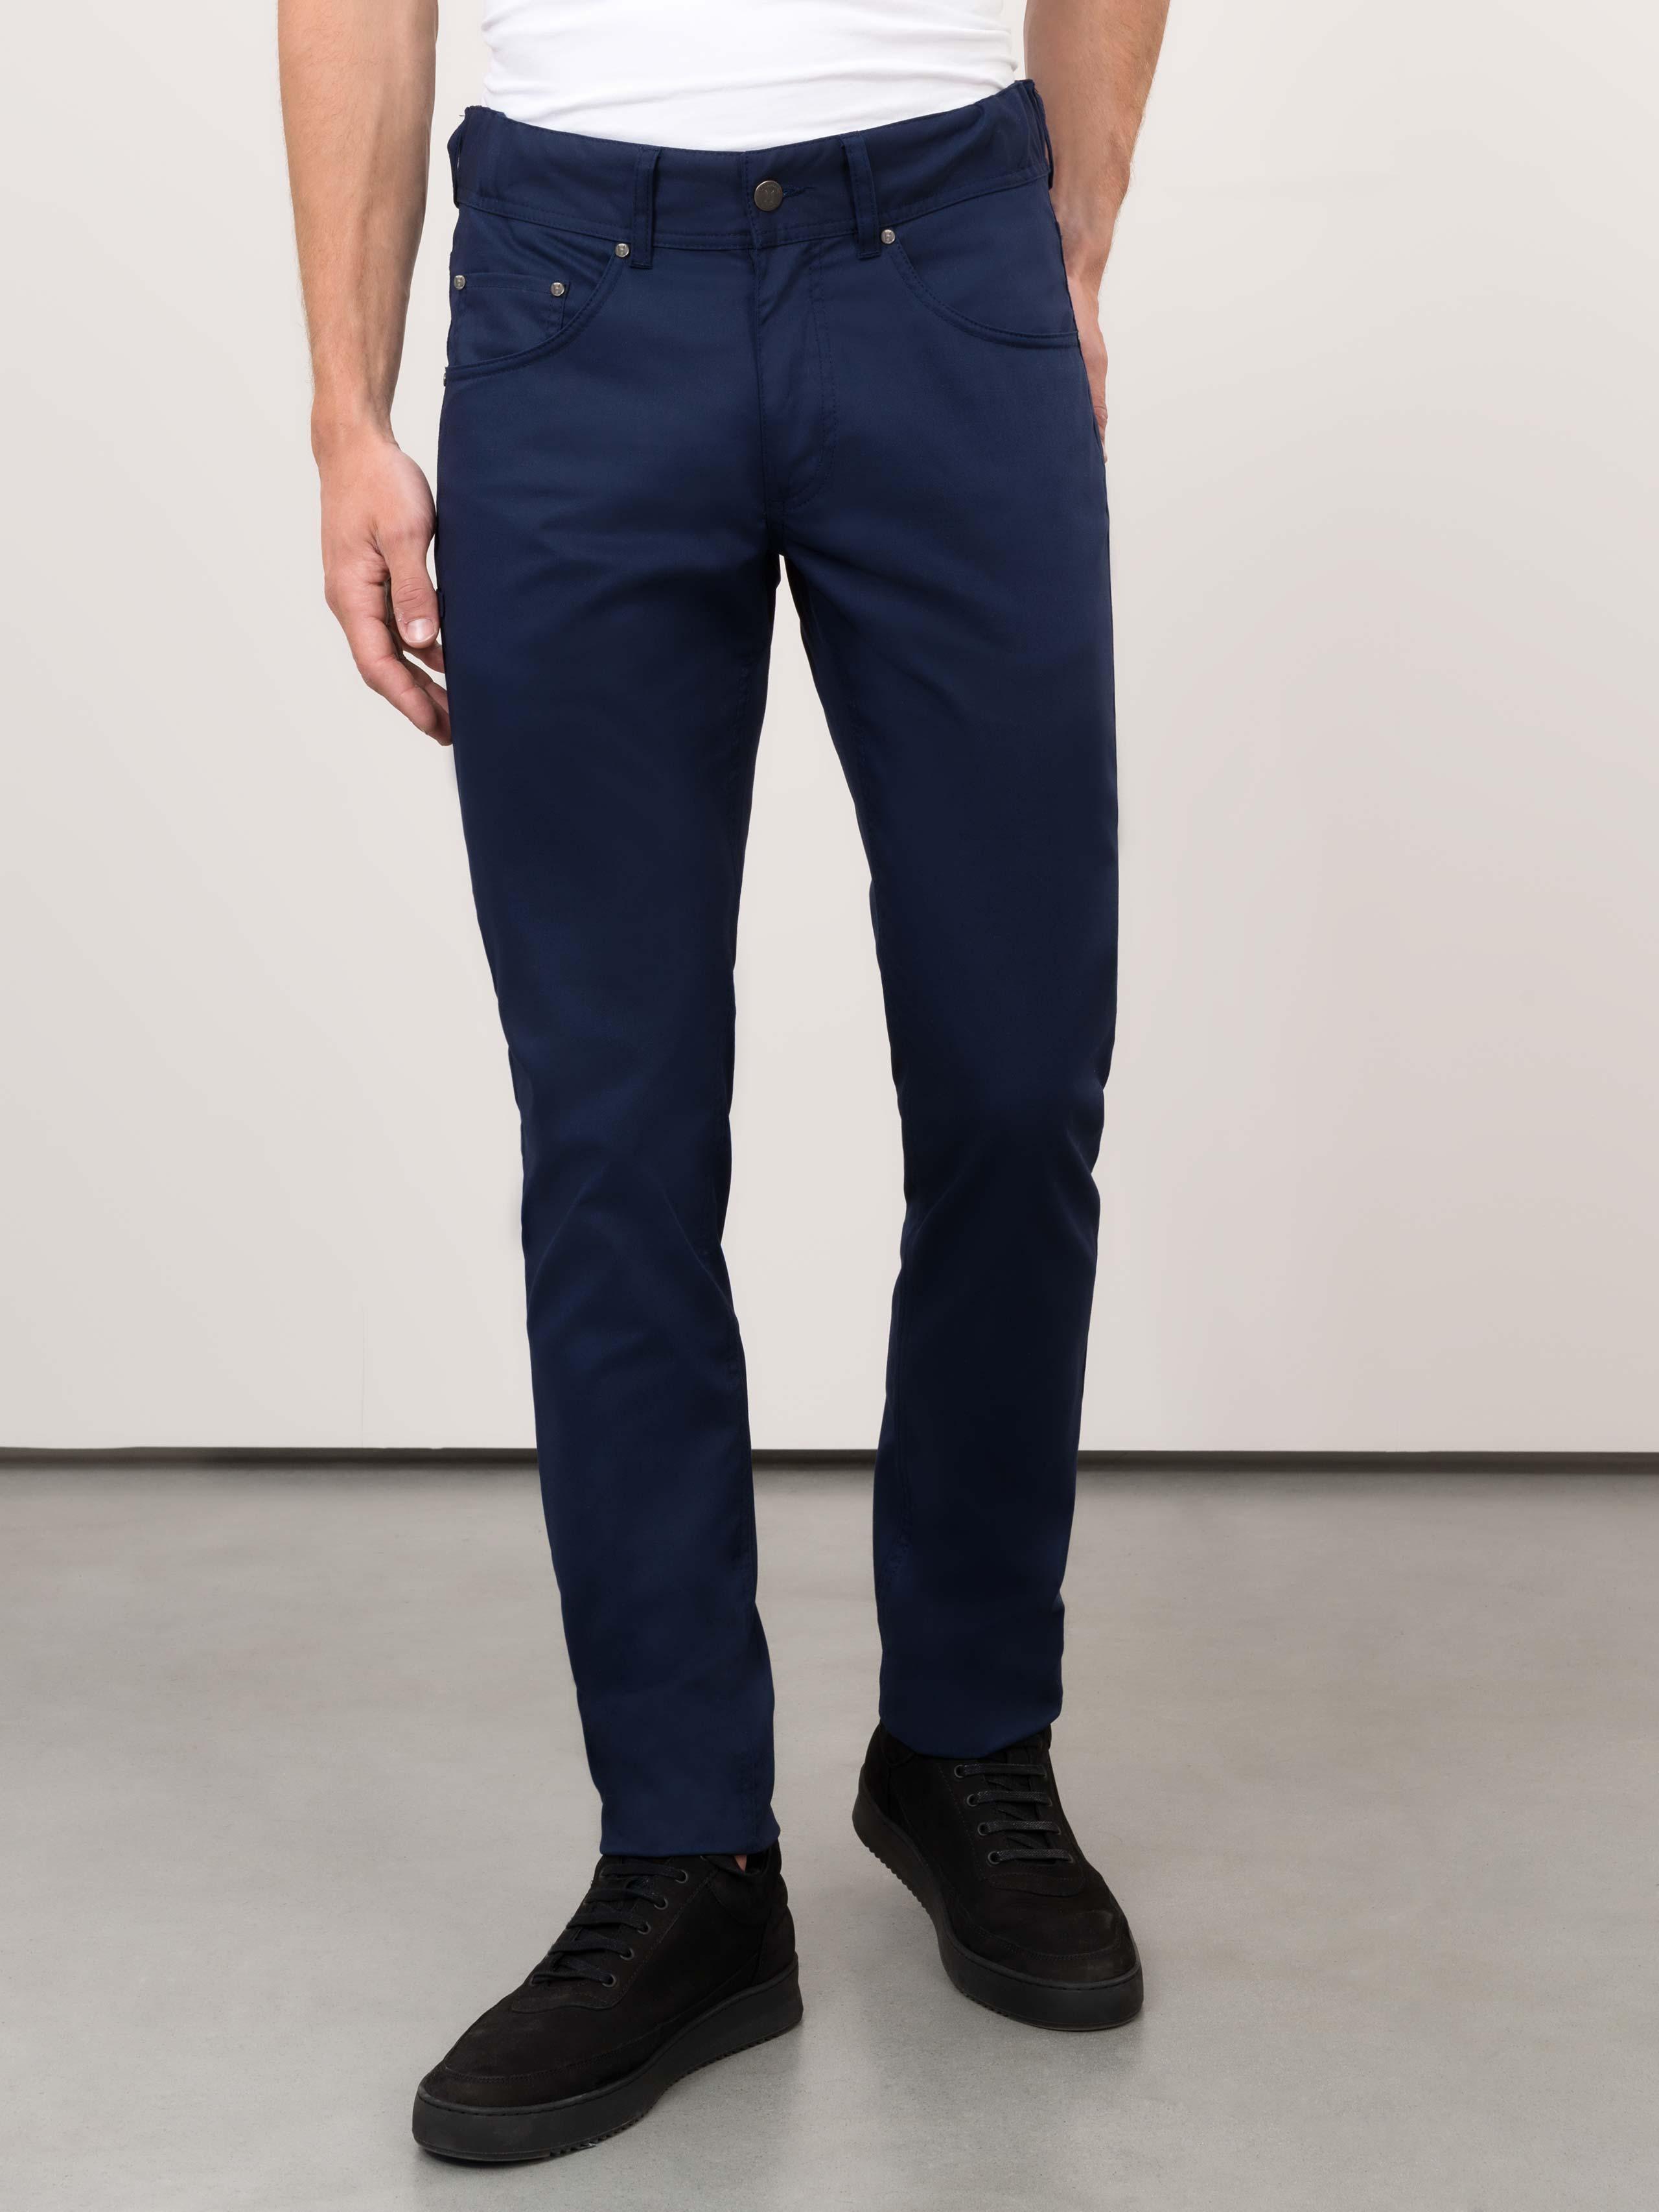 Pants Oregon Navy